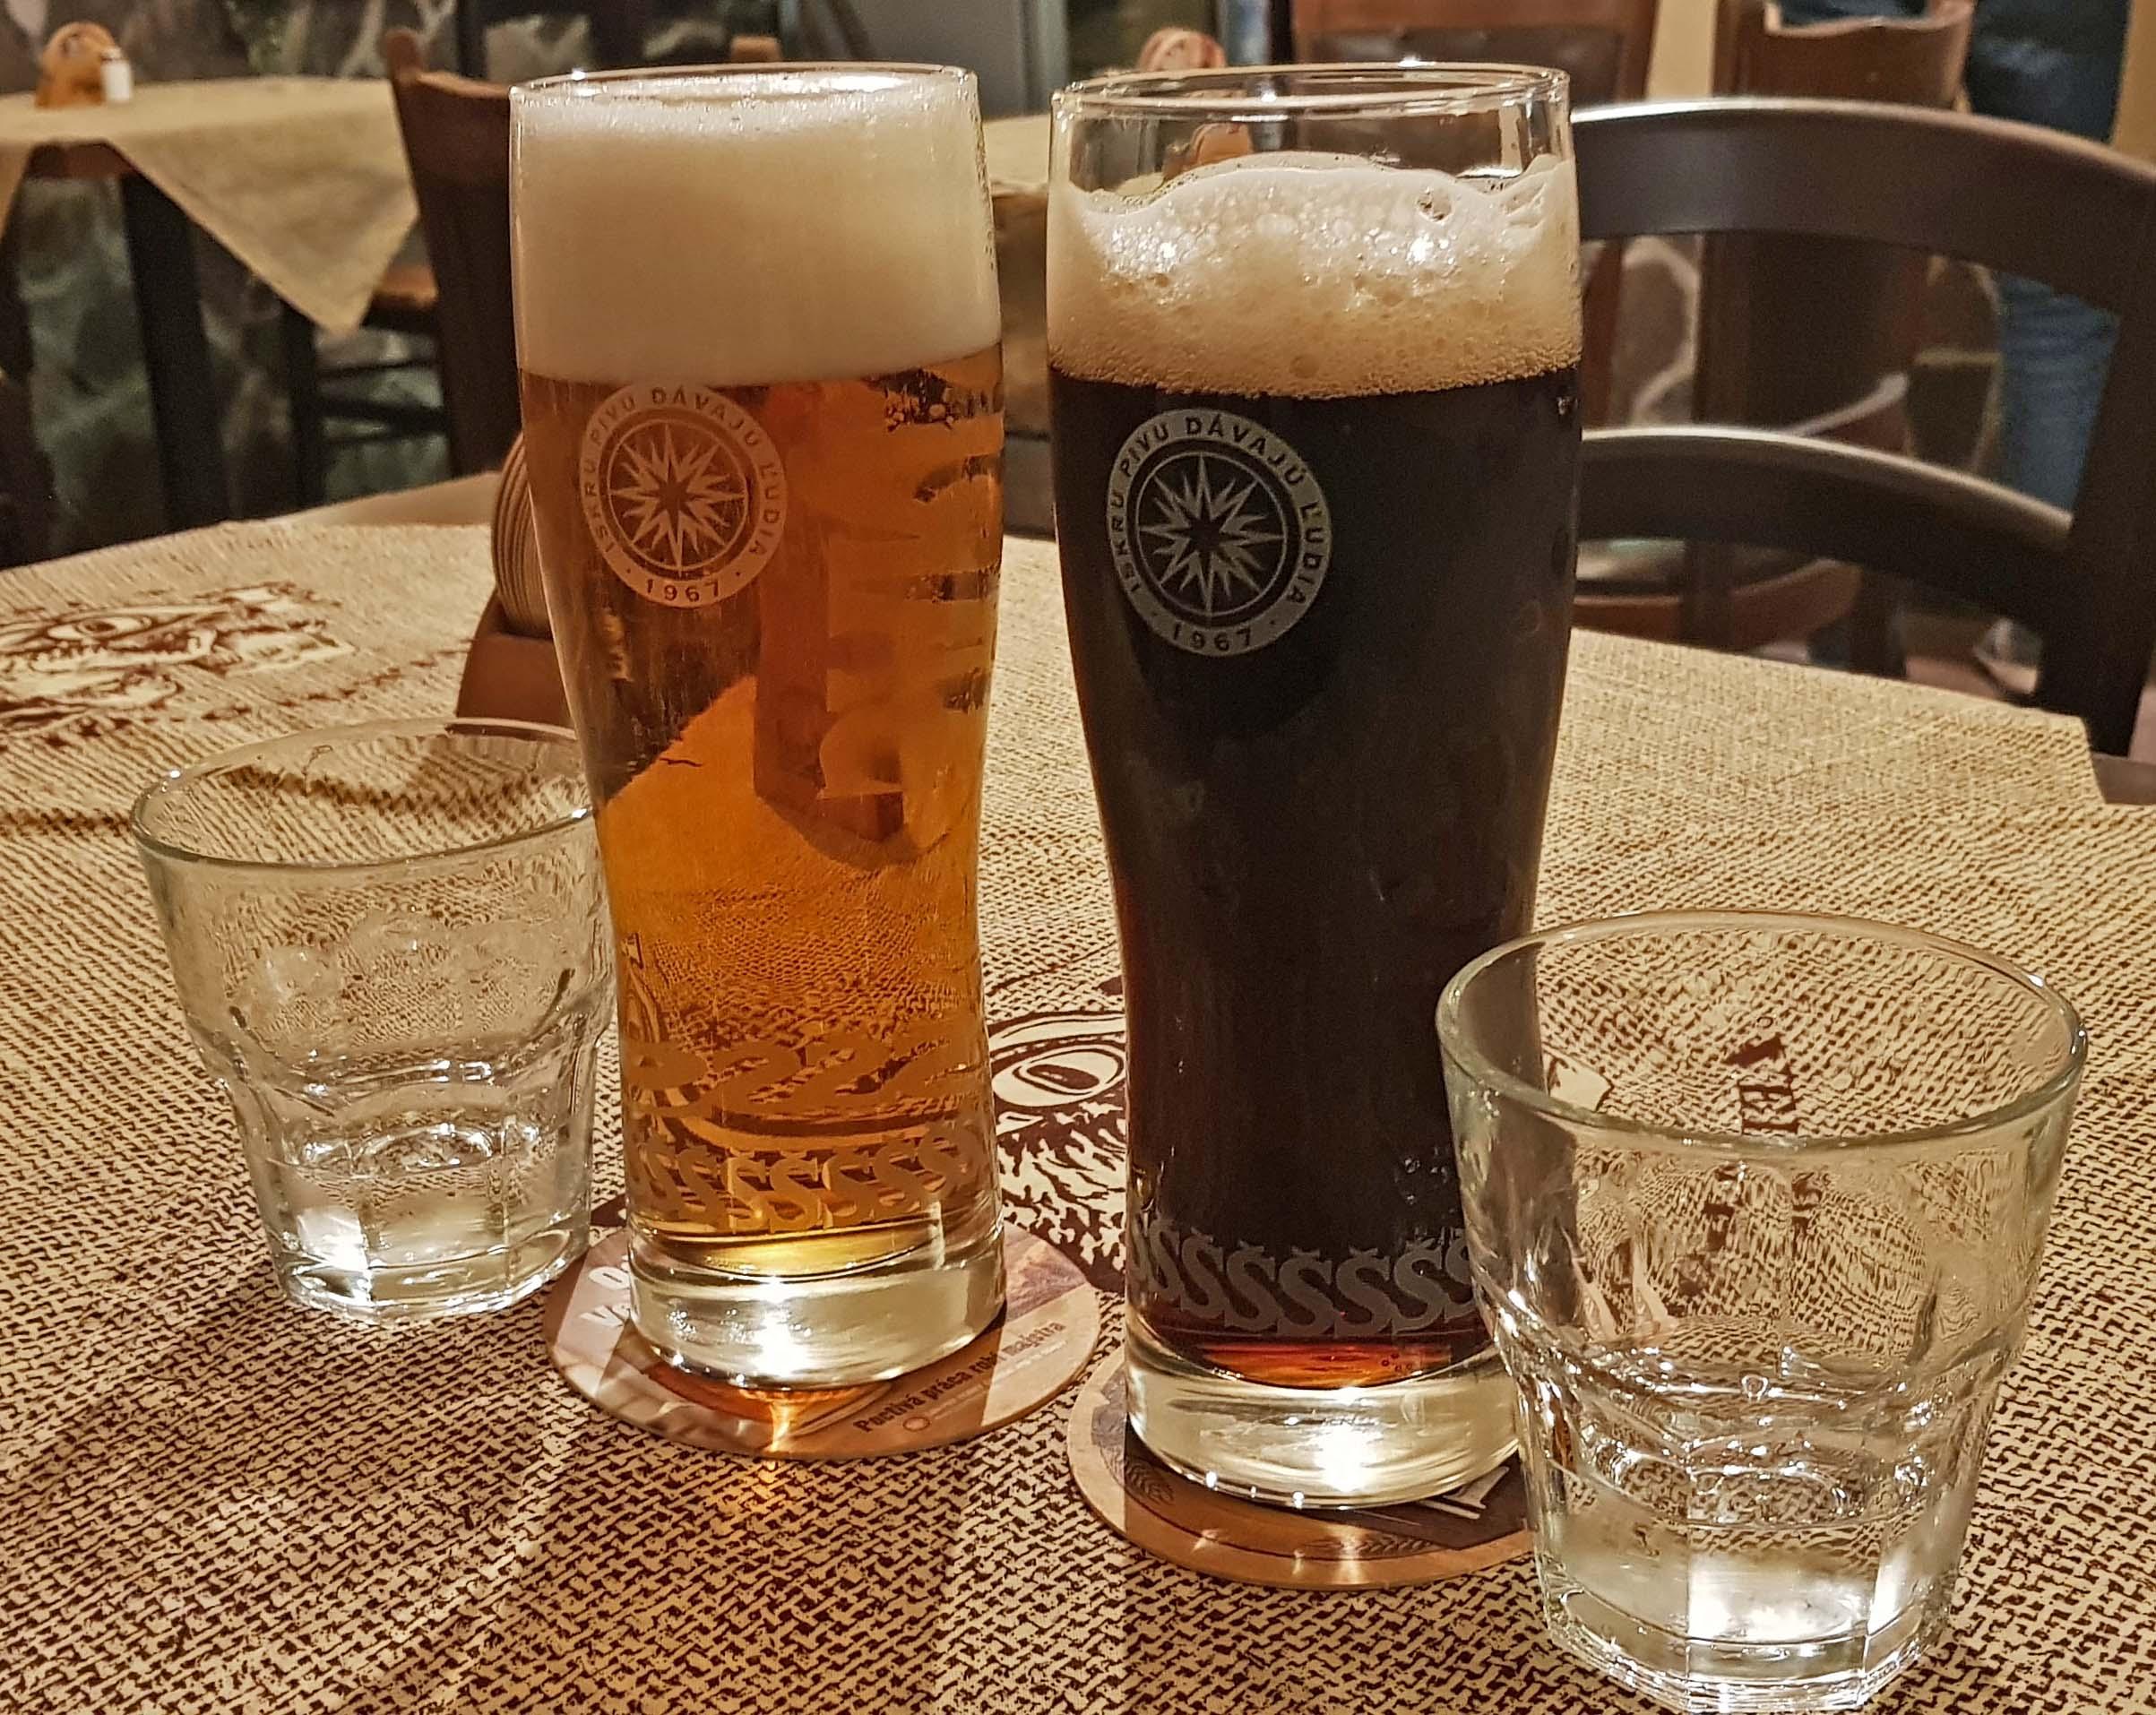 Slovak beers